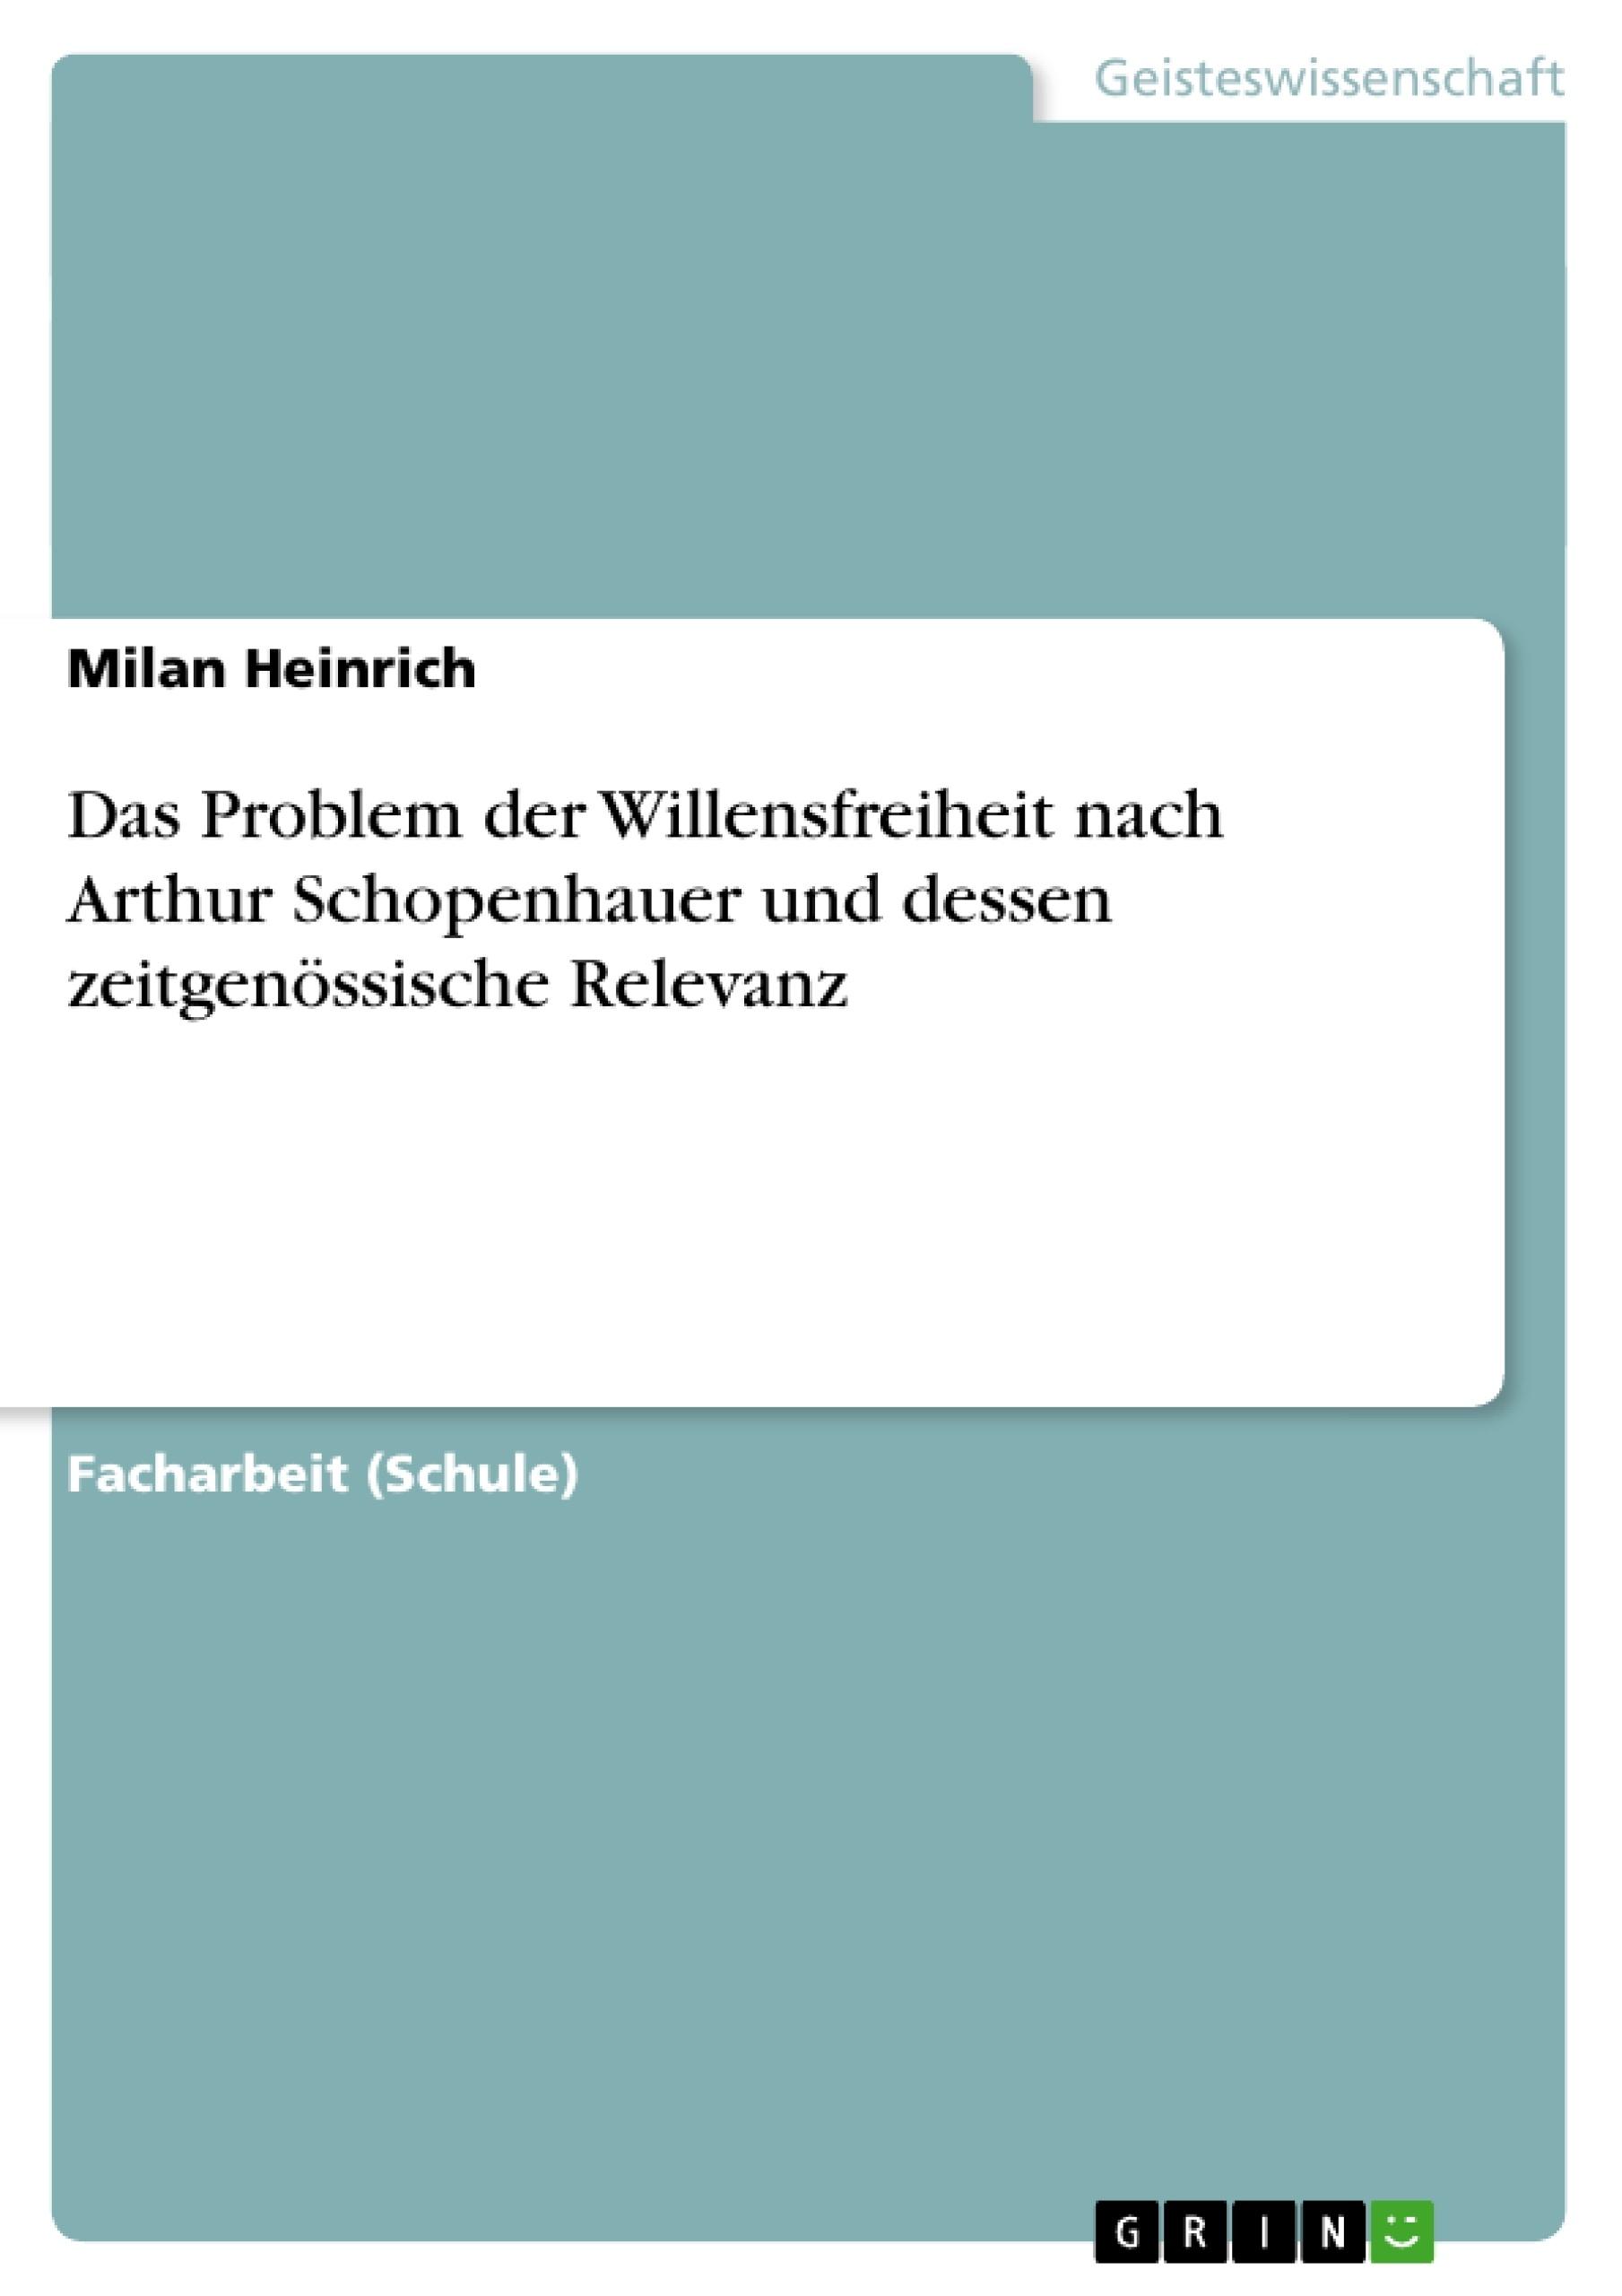 Titel: Das Problem der Willensfreiheit nach Arthur Schopenhauer und dessen zeitgenössische Relevanz